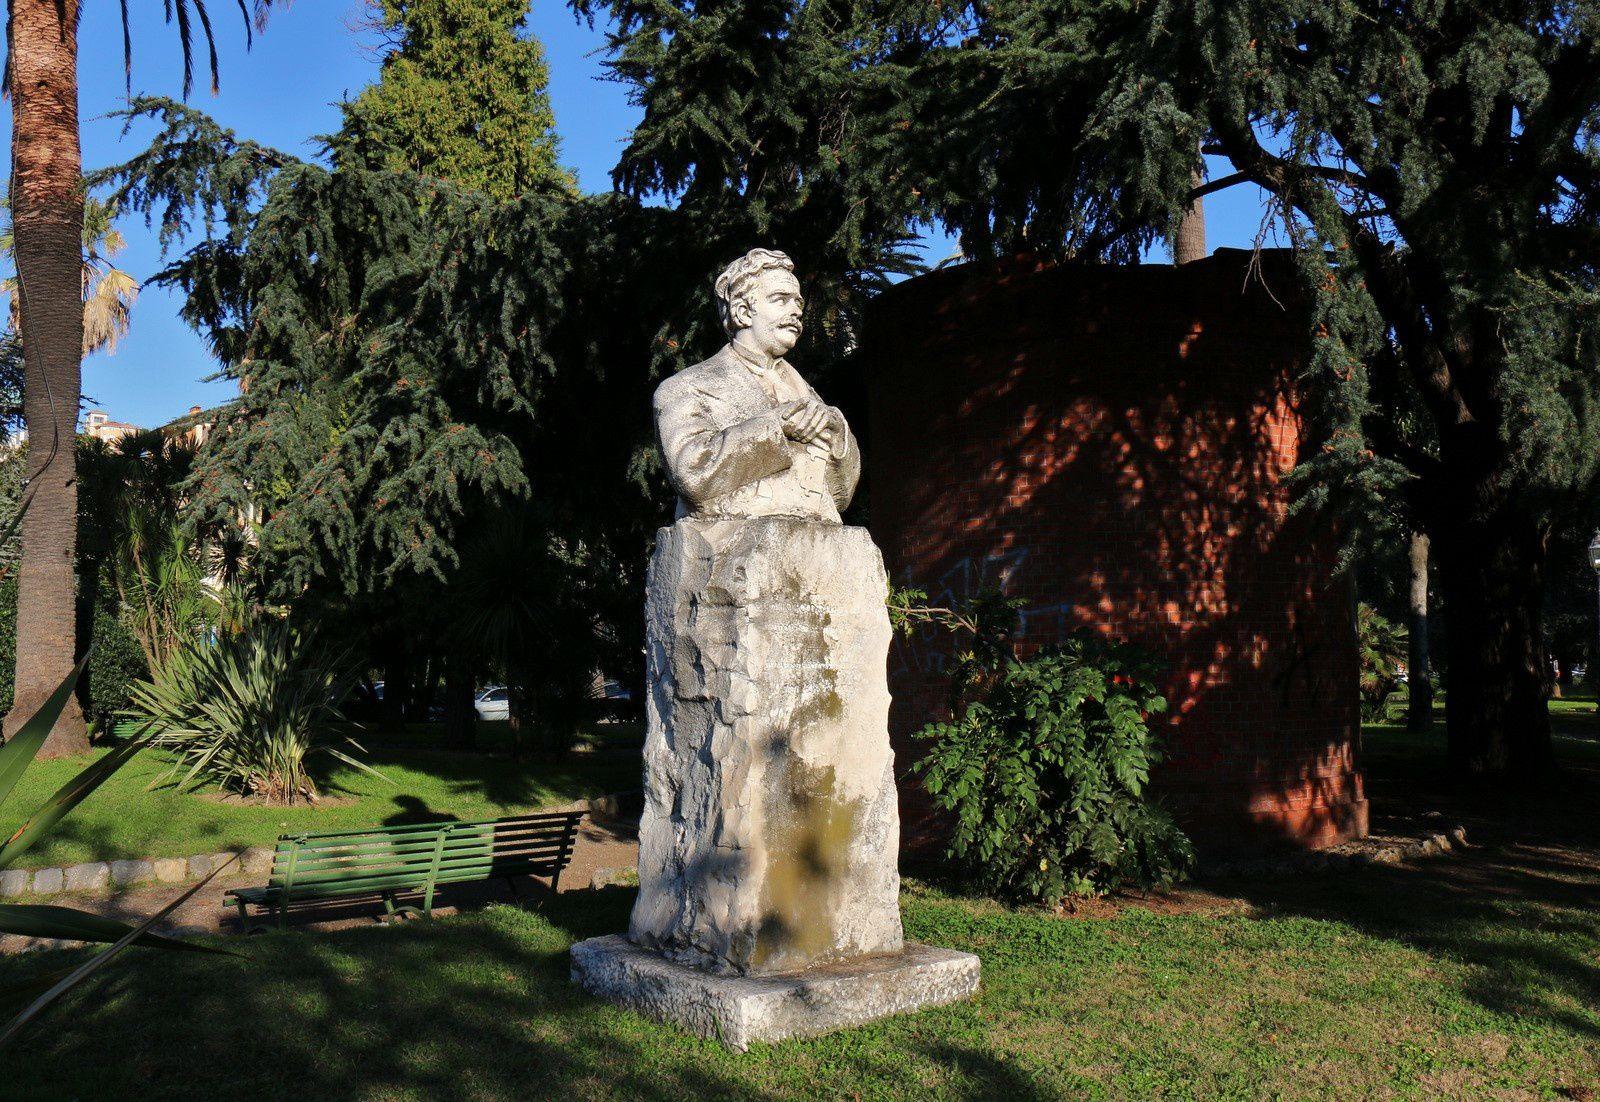 Monument à Ceccardo Roccatagliata Ceccardi